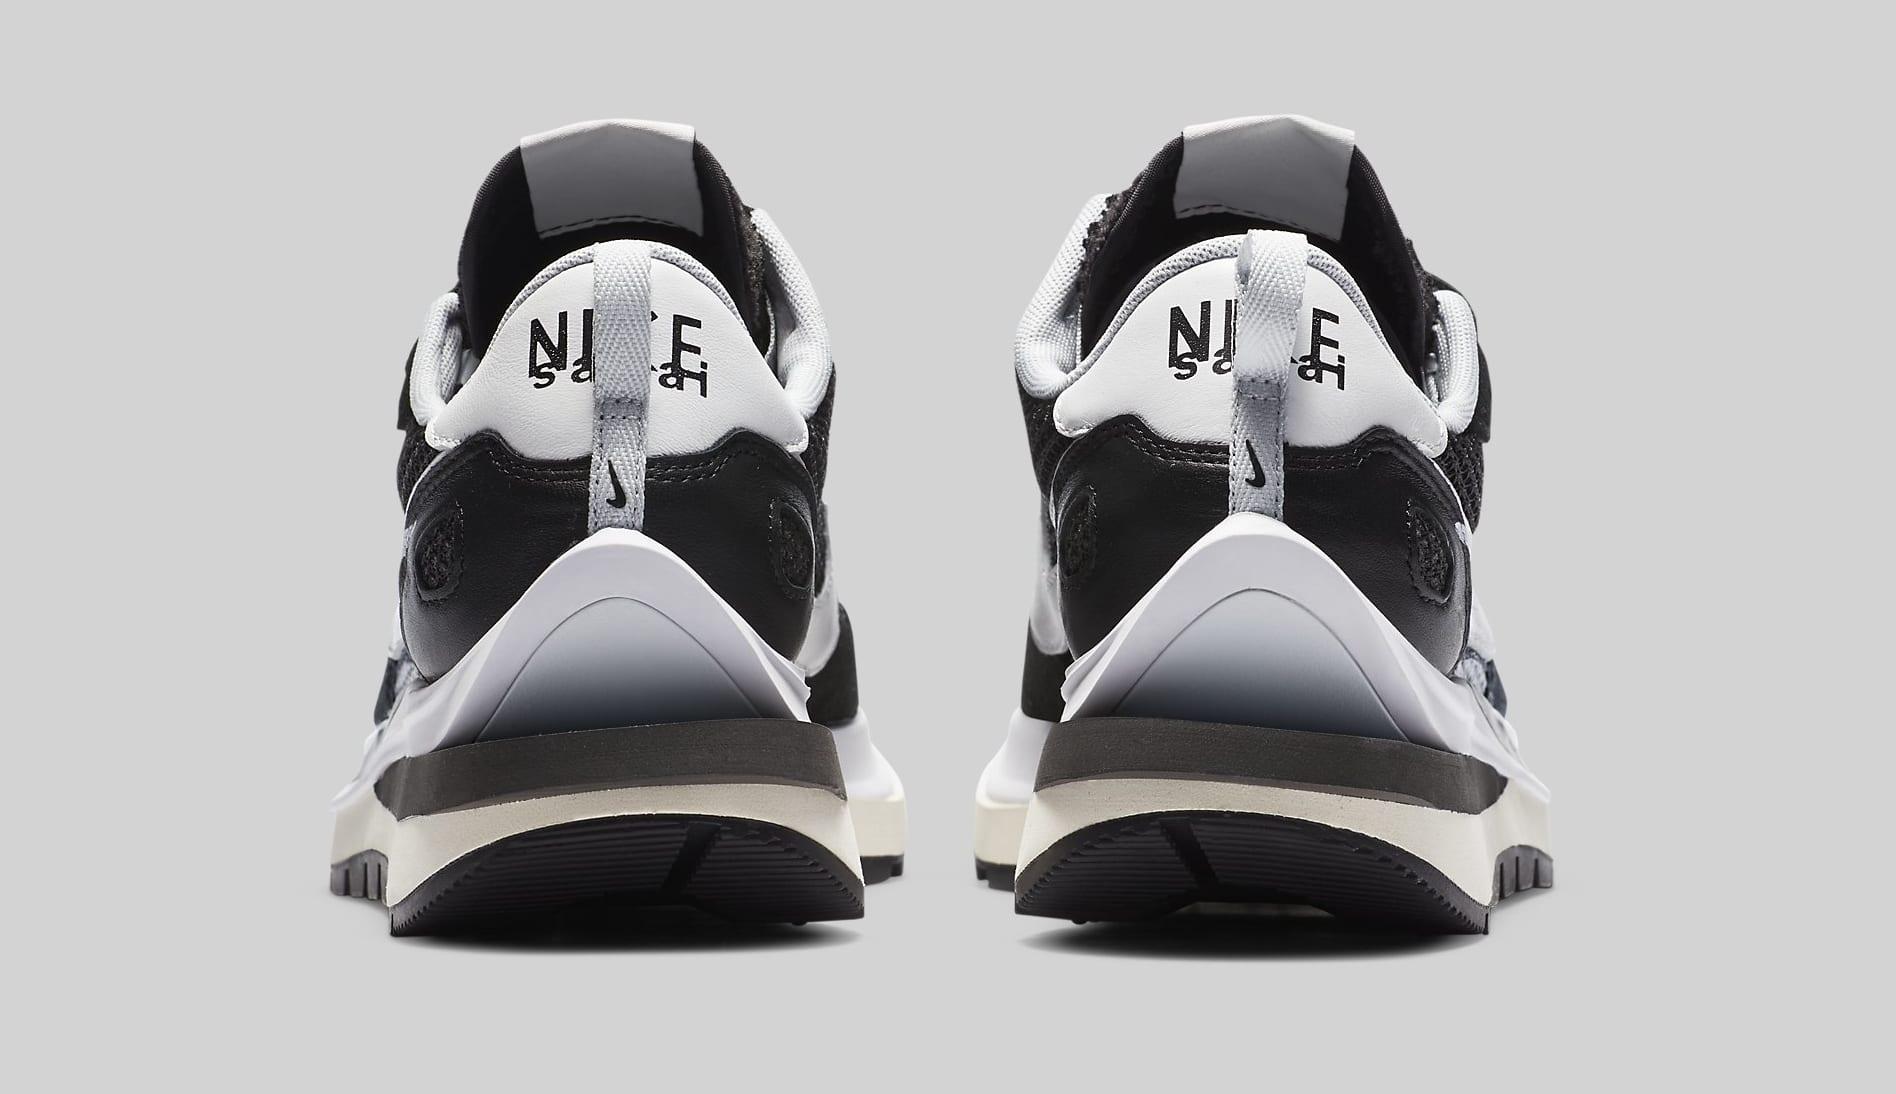 sacai-nike-vaporwaffle-black-cv1363-001-heel